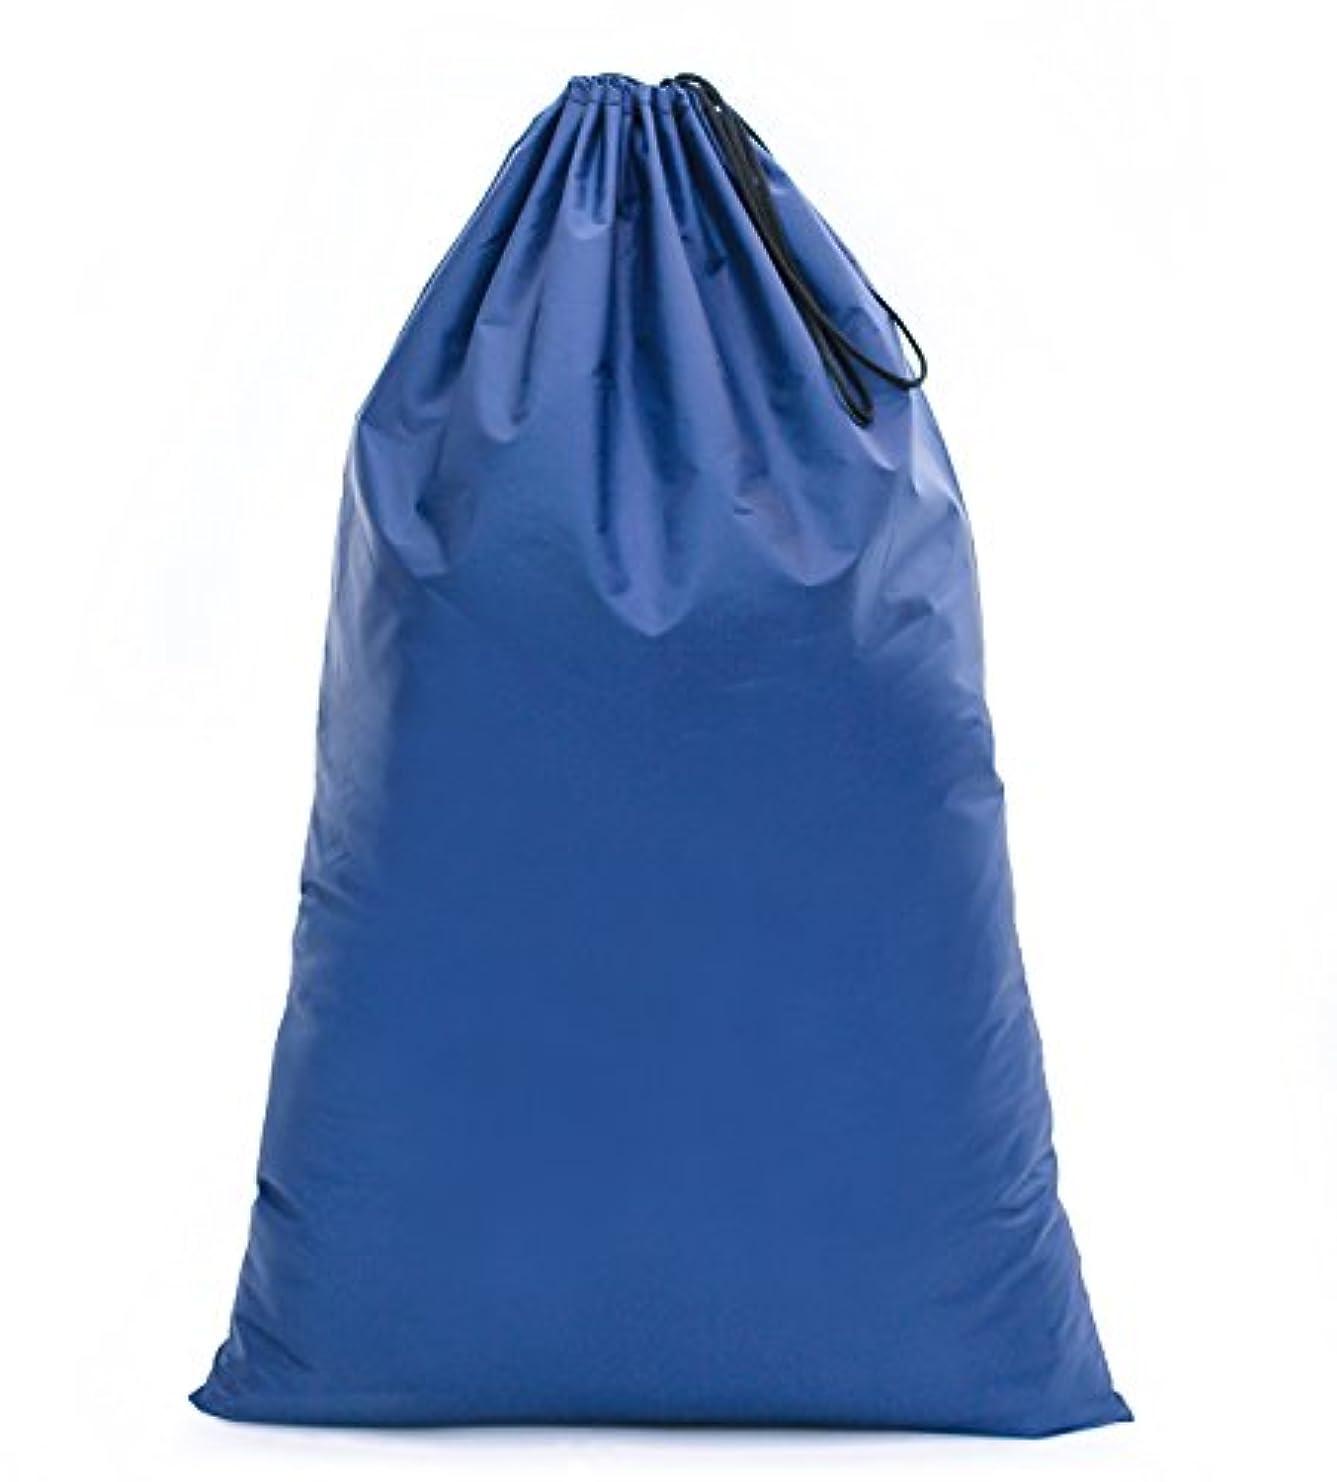 概念土地メキシコ【Y.WINNER】特大サイズ 巾着袋 収納袋 (106*70CM)撥水加工 アウトドア キャンプ 旅行 バッグ 万能巾着袋 大きいサイズの着替え袋にも使える (106*70)